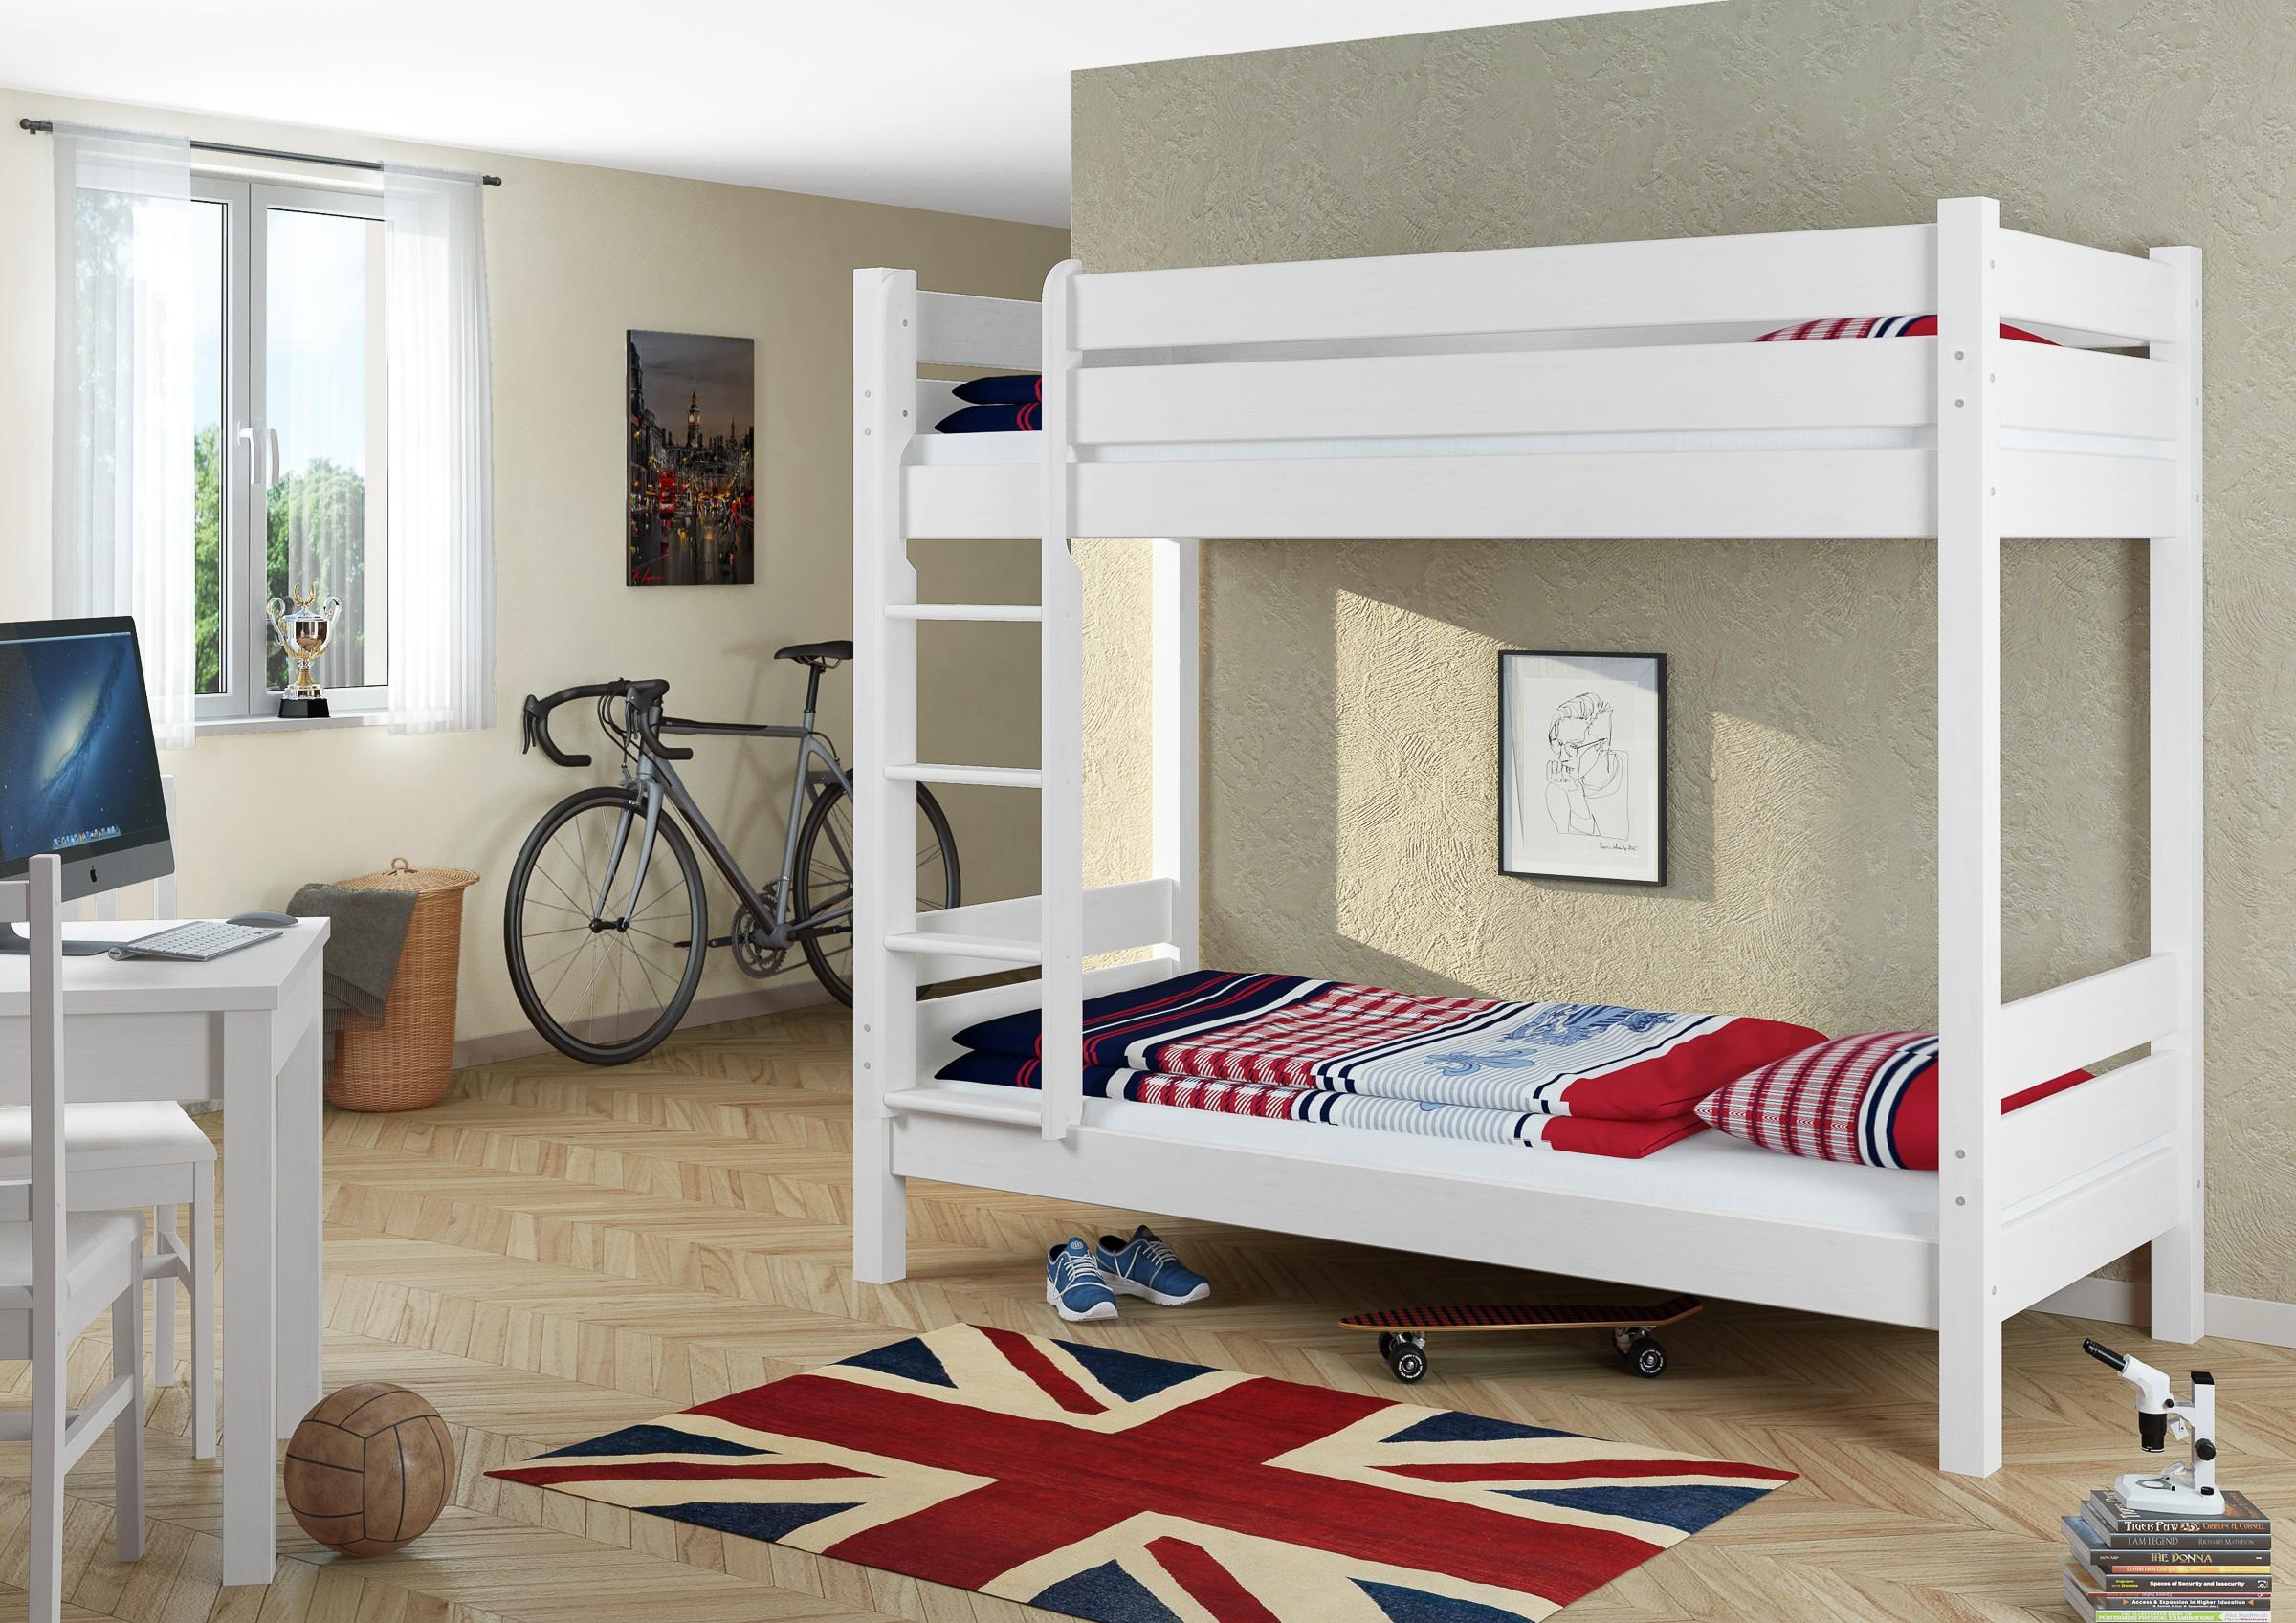 Etagenbett Doppelbett : Download doppelbett hochbett indoo haus design